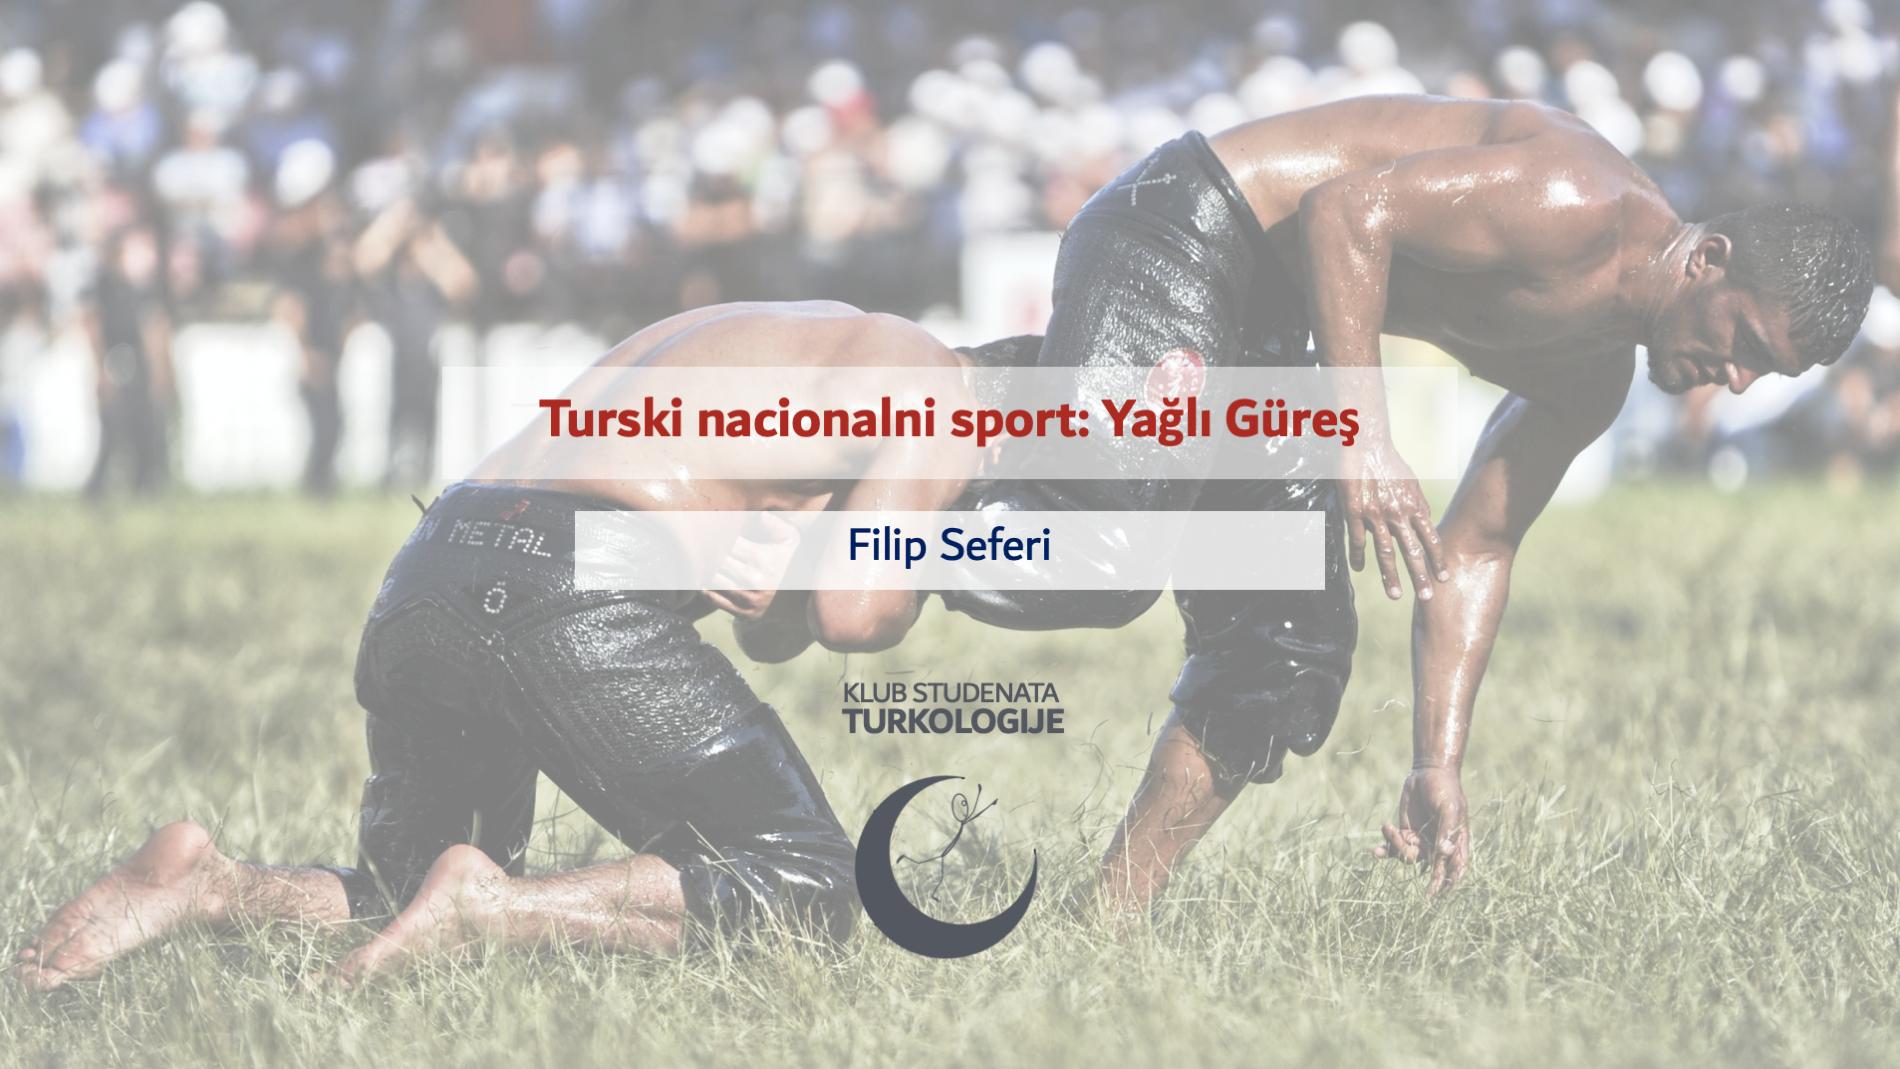 Turski nacionalni sport: Yağlı Güreş